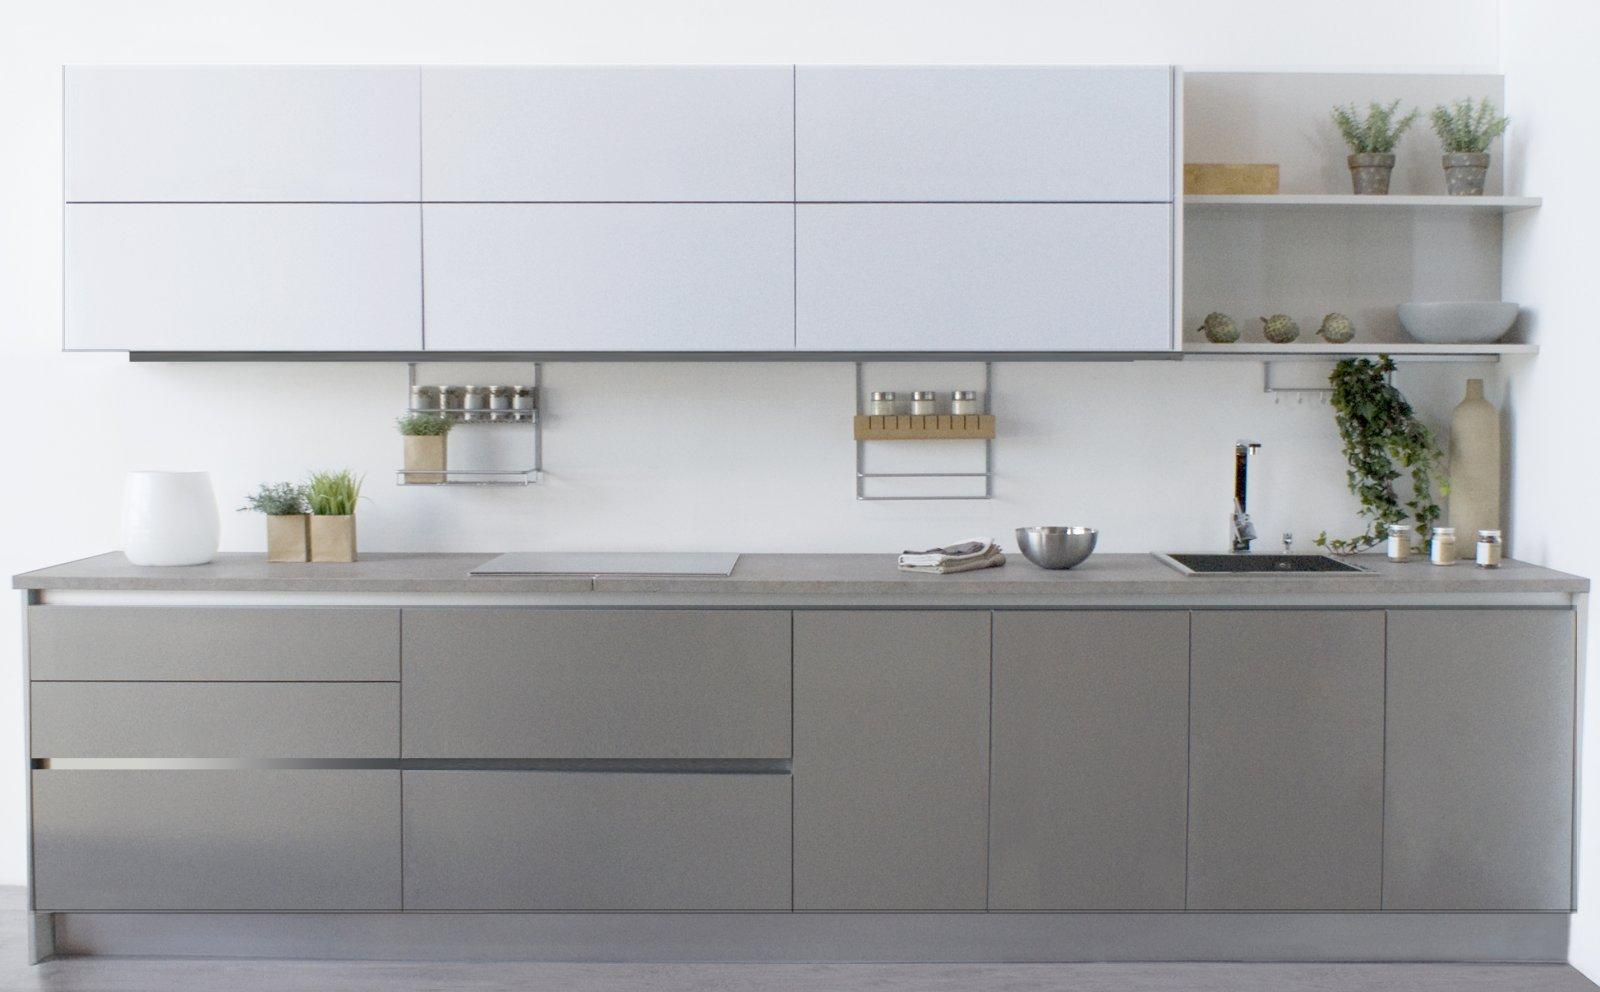 Crea tu cocina a medida con tpc cocinas decoraci n del hogar for Medidas de cocina industrial